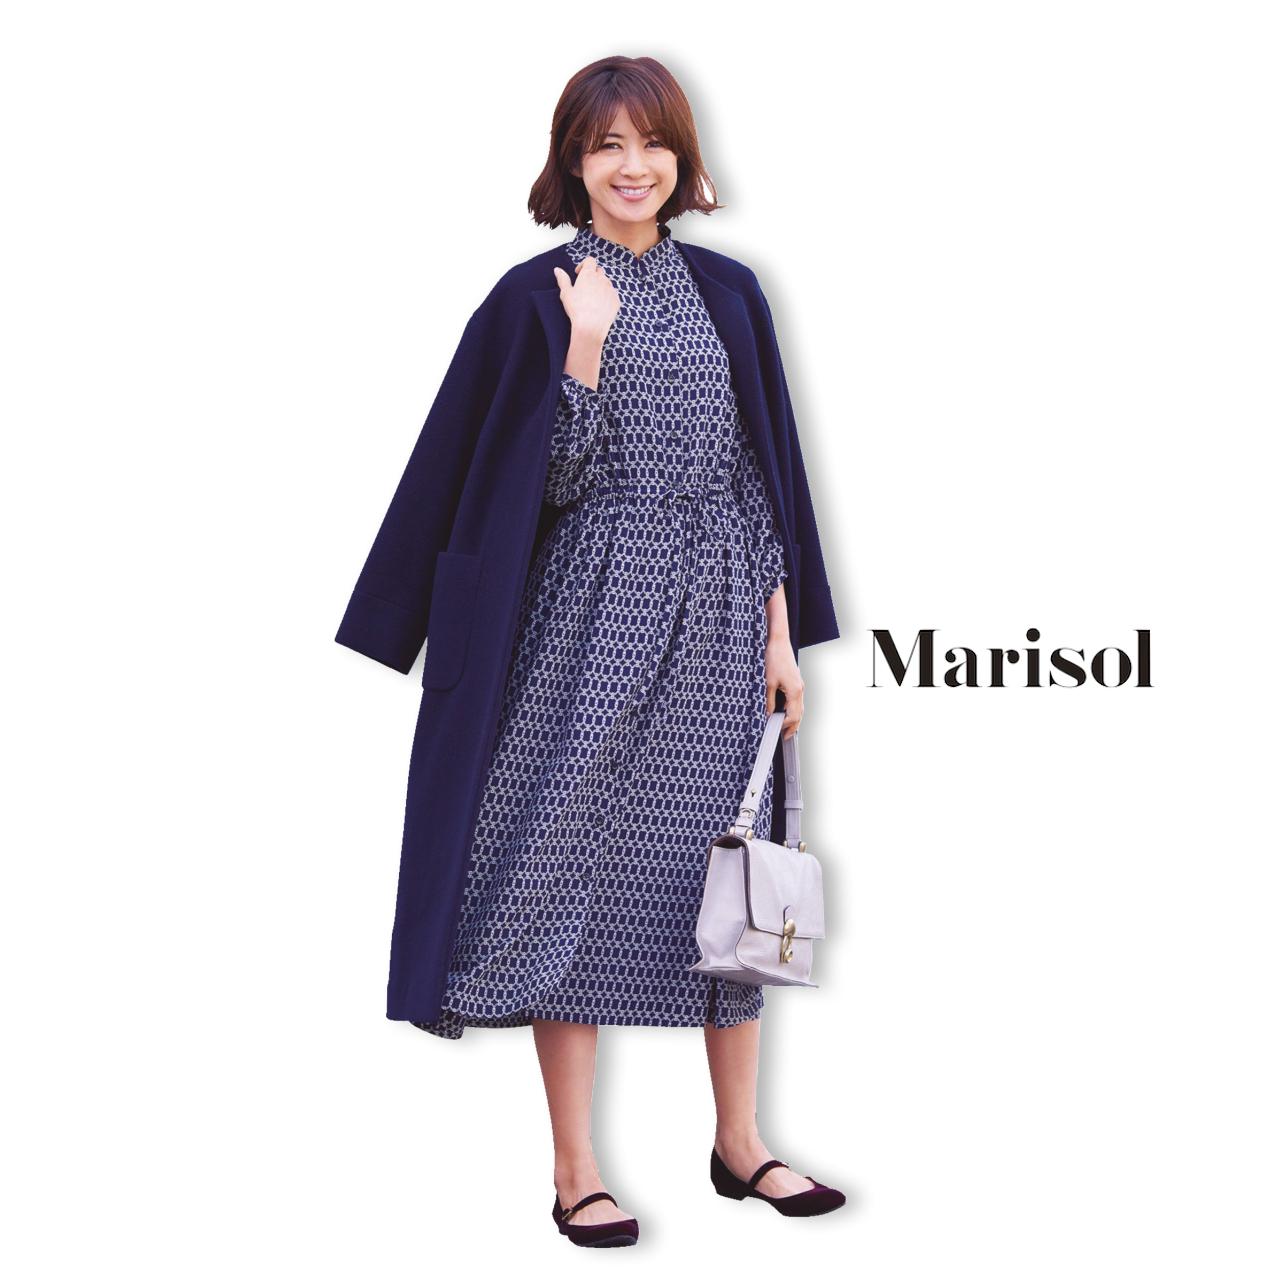 40代ファッション ネイビーコート×柄ワンピースコーデ